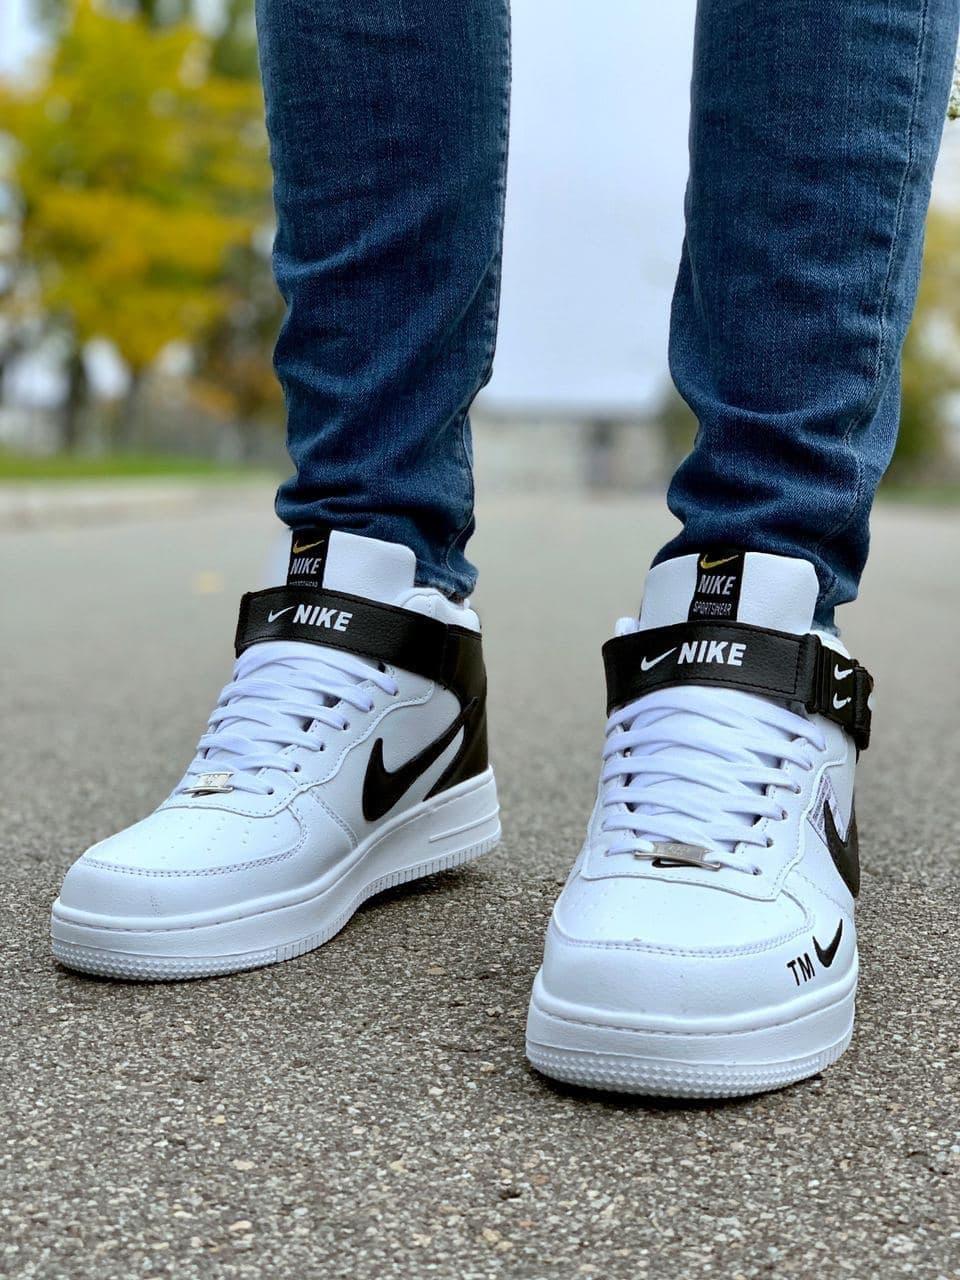 Чоловічі кросівки Nike AirForce чорні з хутром всередині 41/42/43/44/45/46